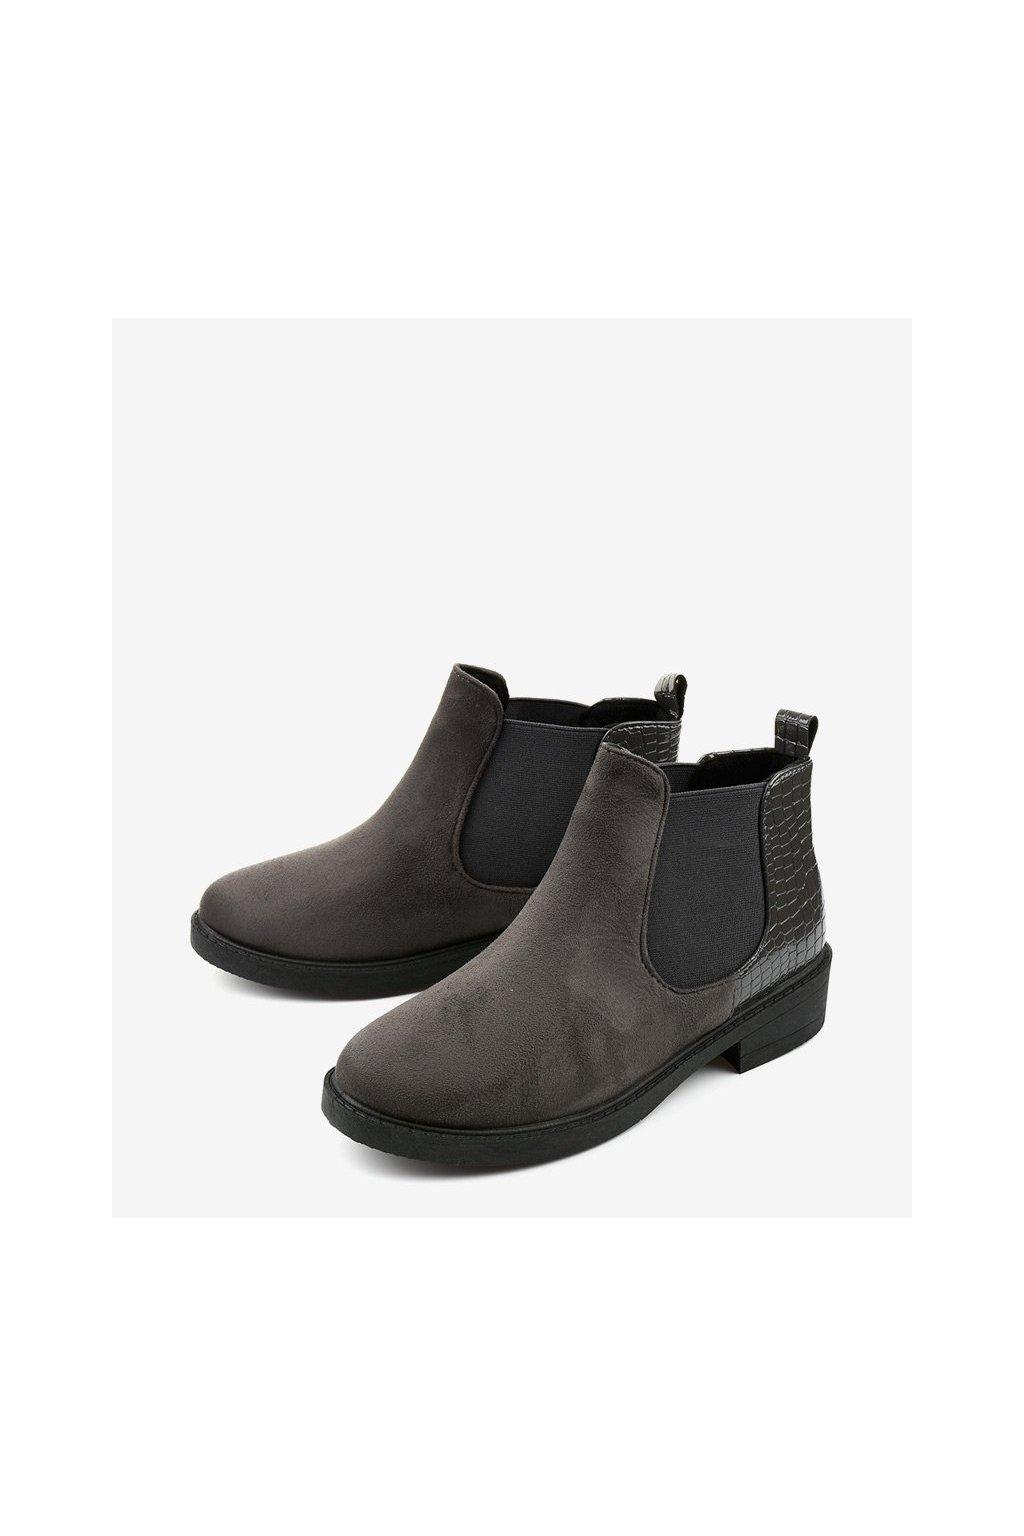 Dámske členkové topánky sivé kód - GM